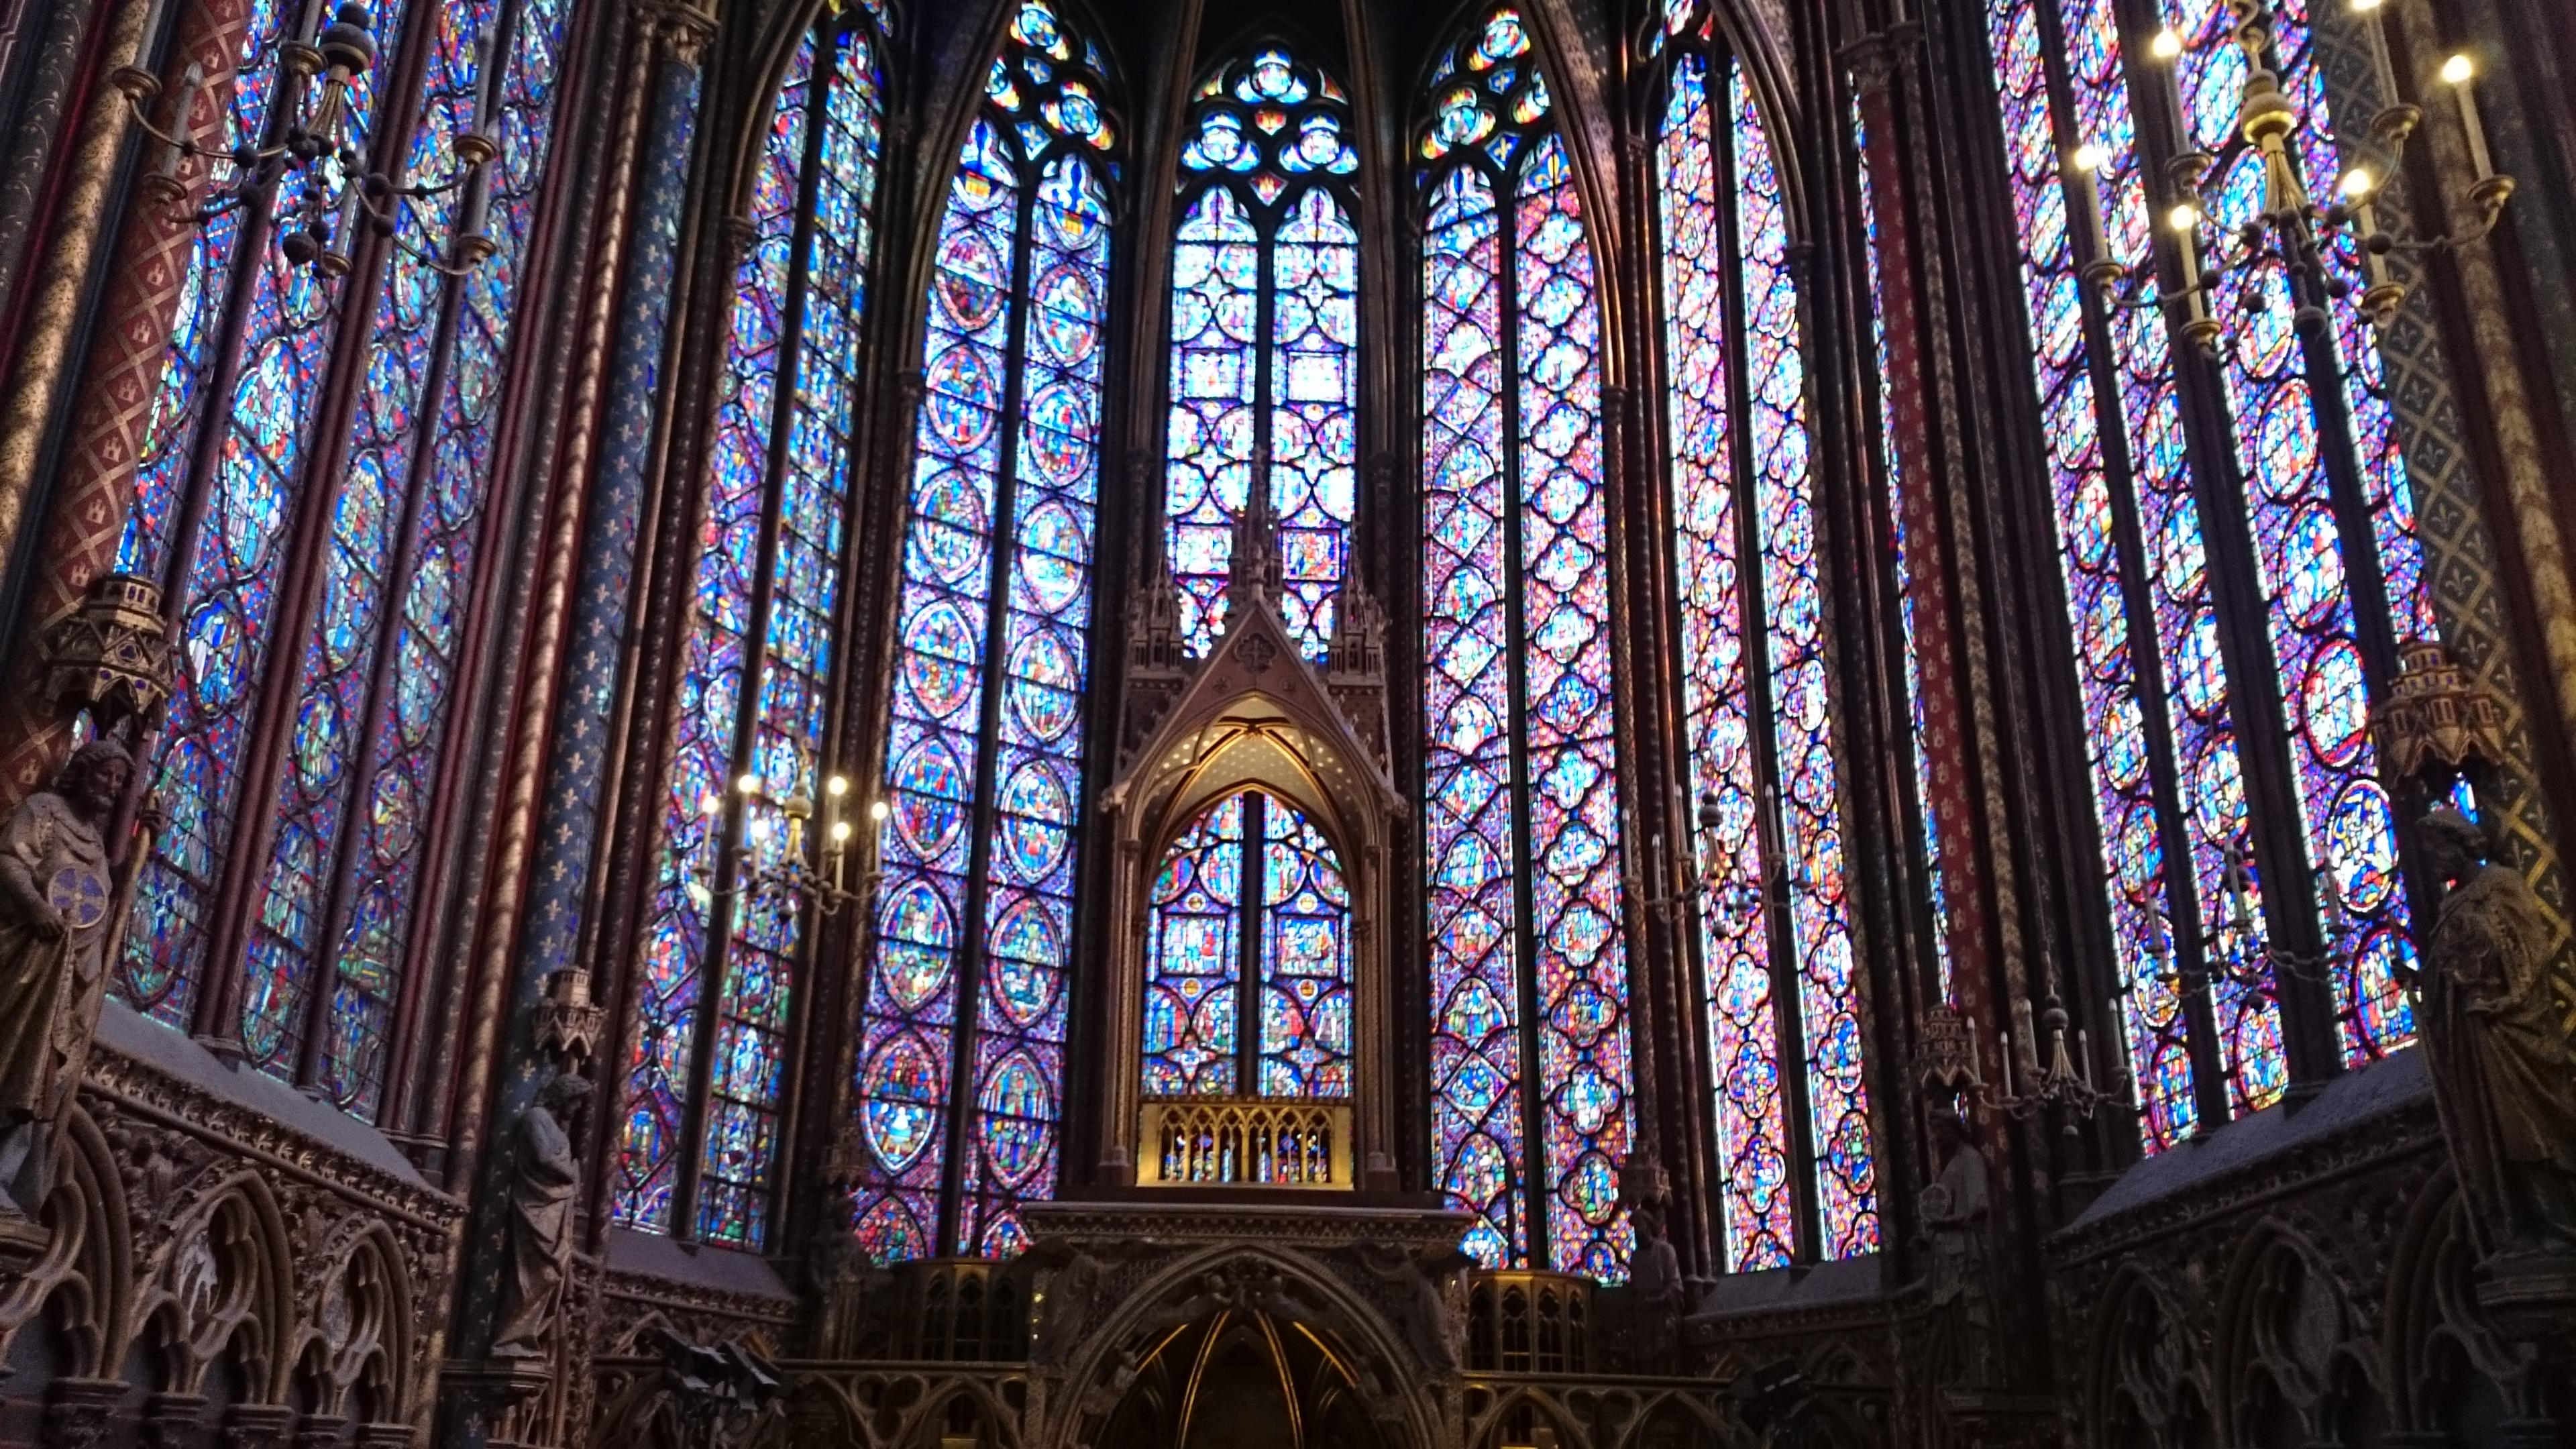 dsc 1626 - Una visita a la Saint Chapelle en Paris